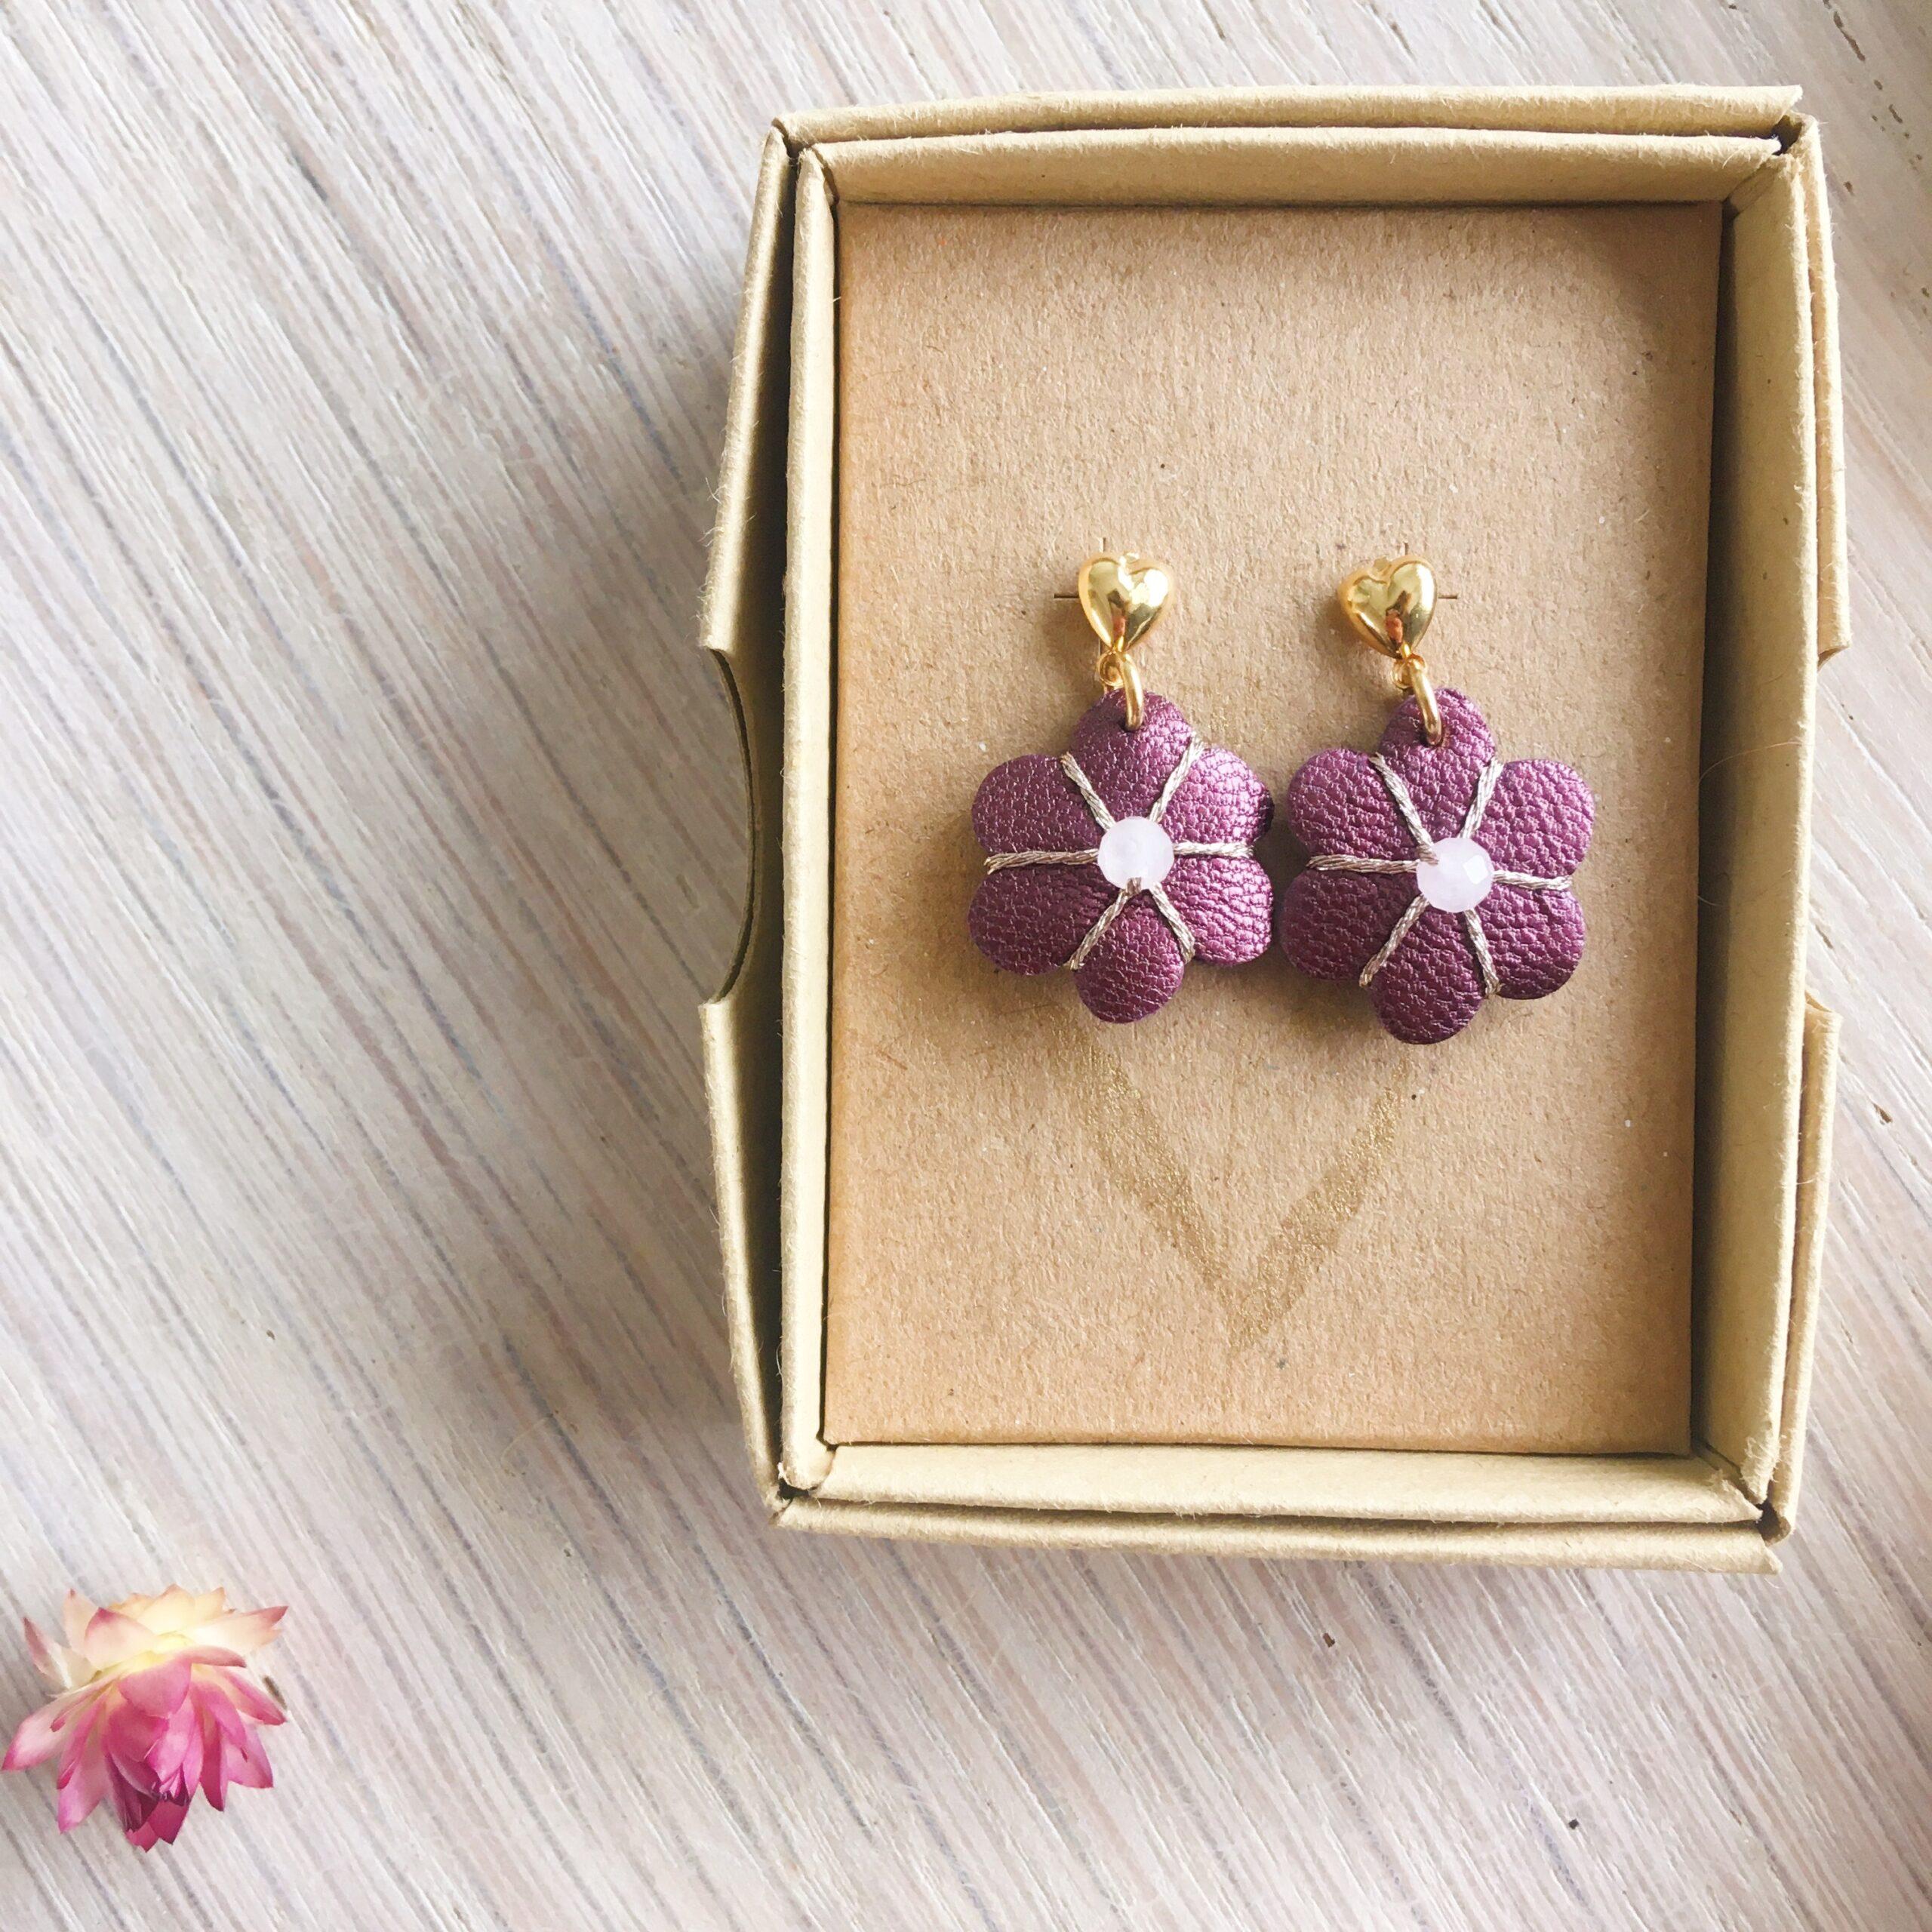 boucles d'oreilles petites puces coeur doré or fin et fleur violette en cuir métallisée brodée main avec quartz rose fabrication artisanale française - du vent dans mes valises